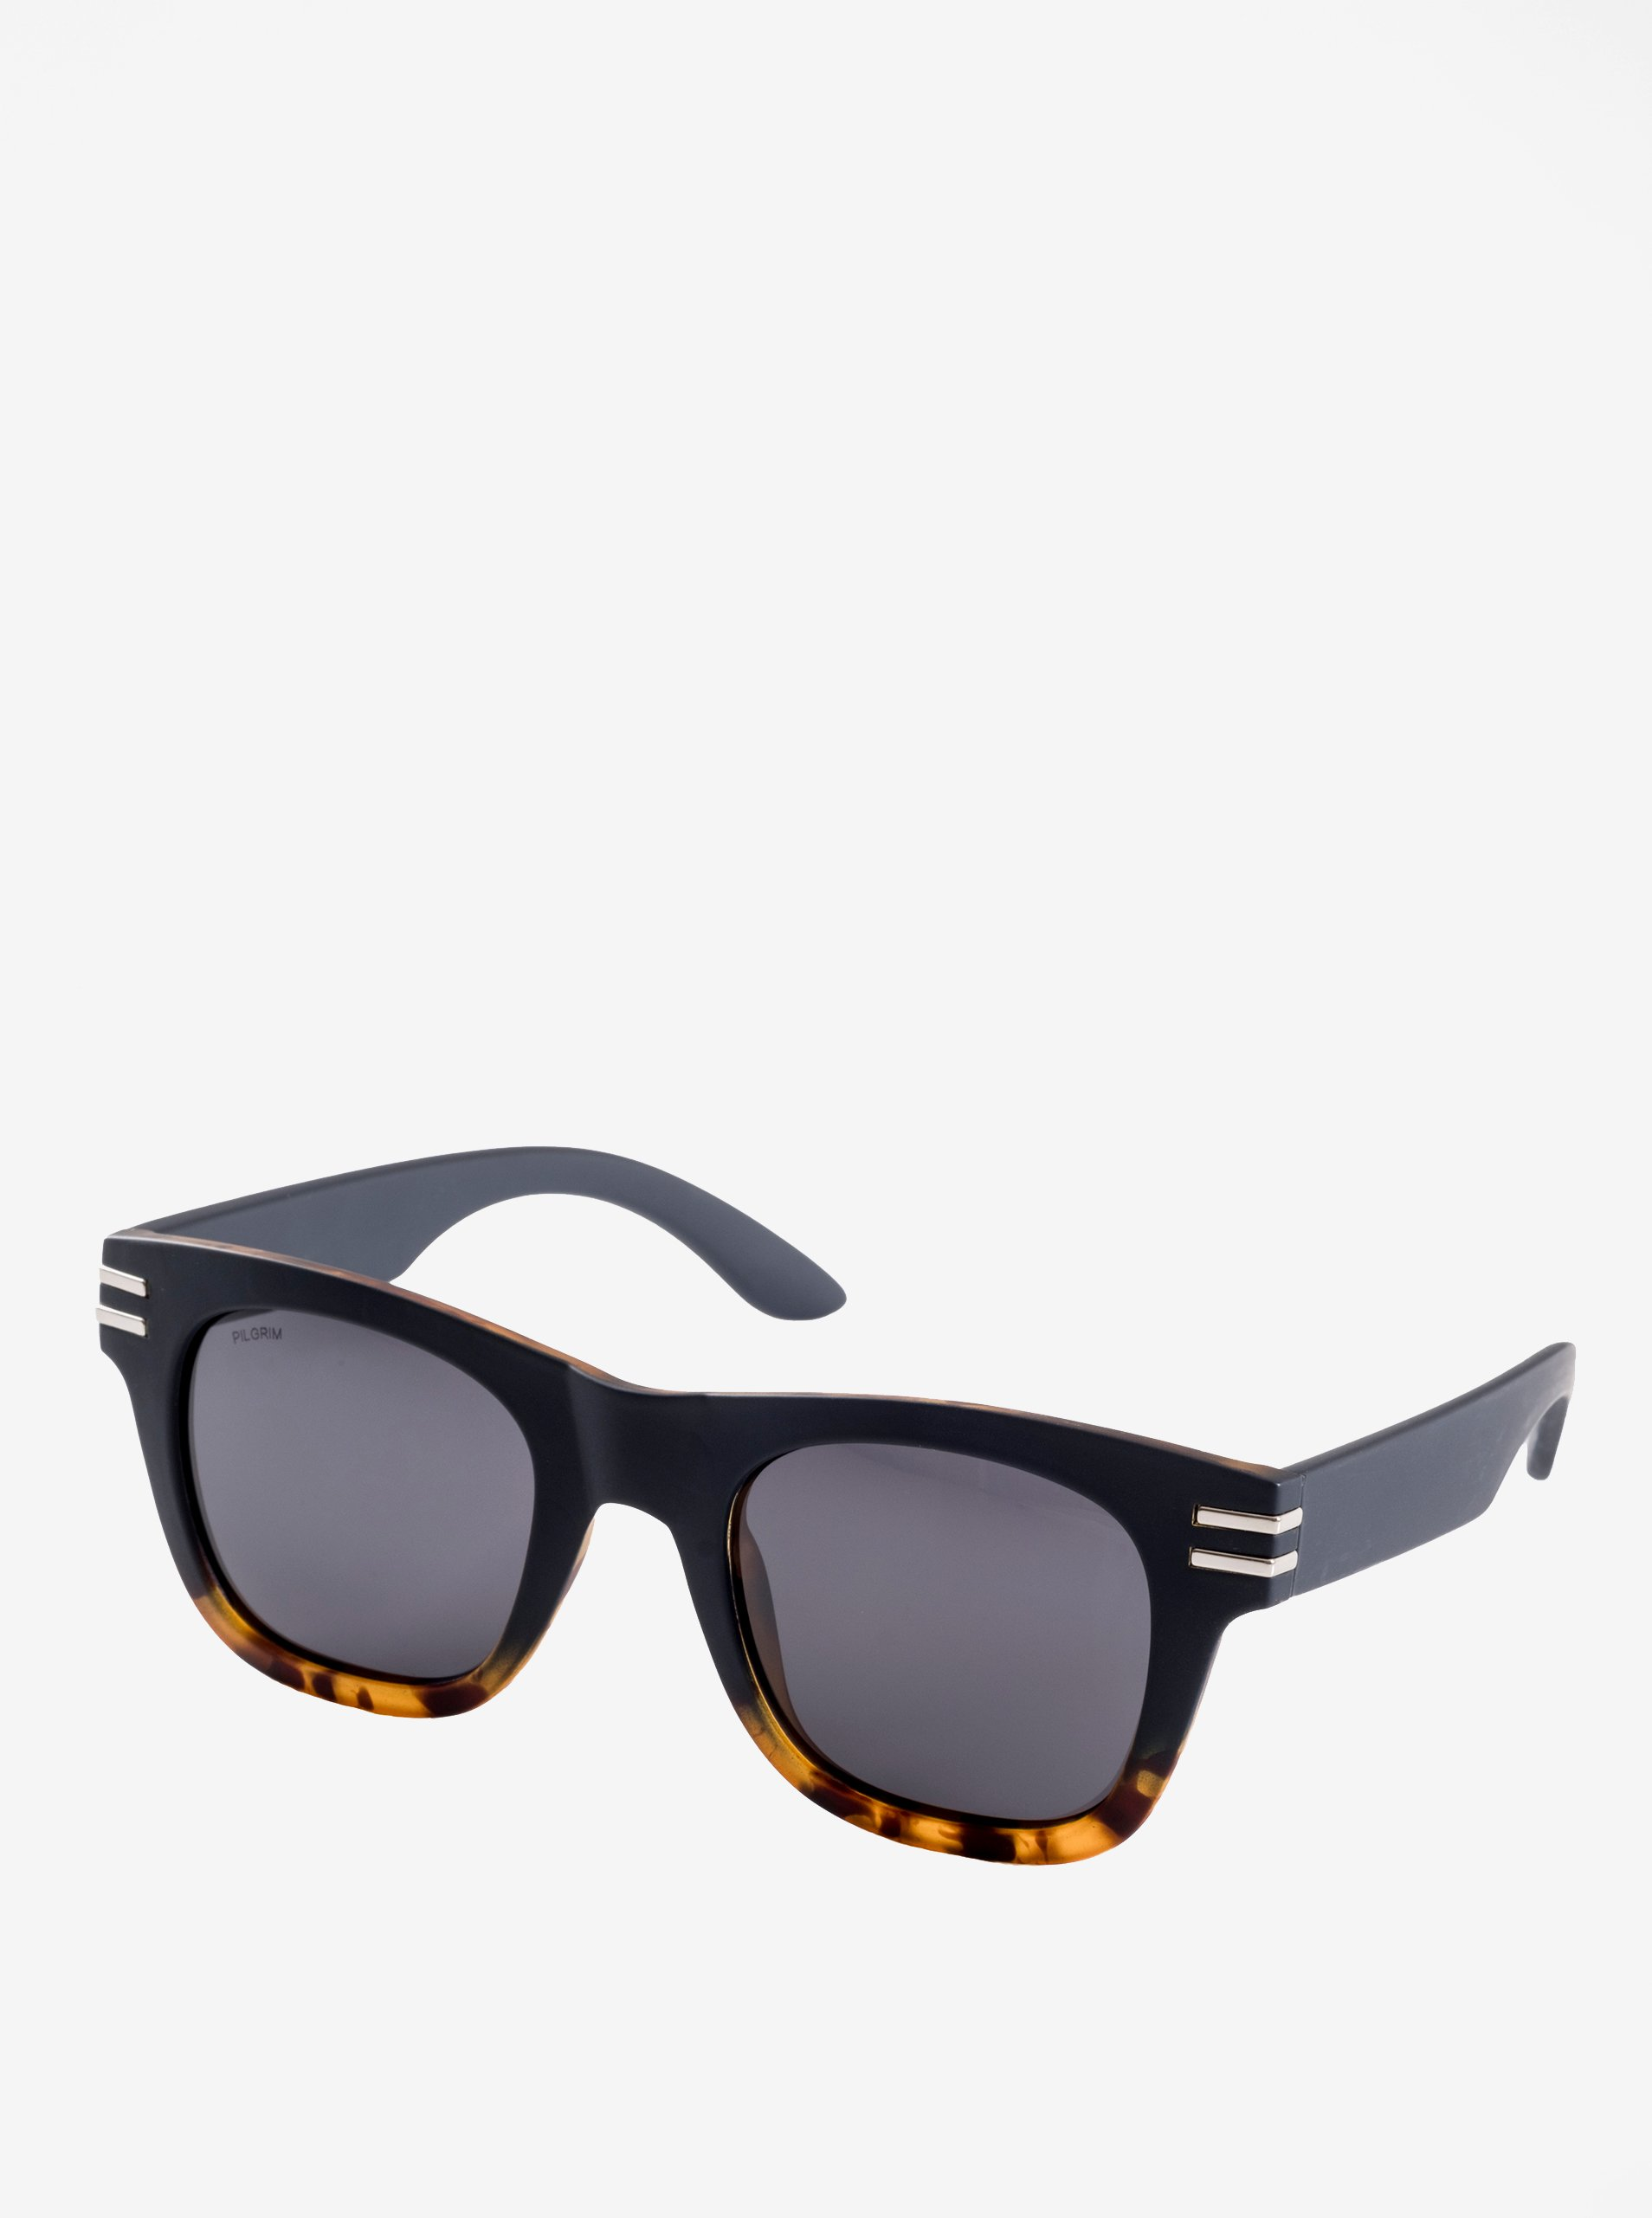 Hnedo-čierne dámske slnečné okuliare s postriebrenými detailmi Pilgrim Kennedy